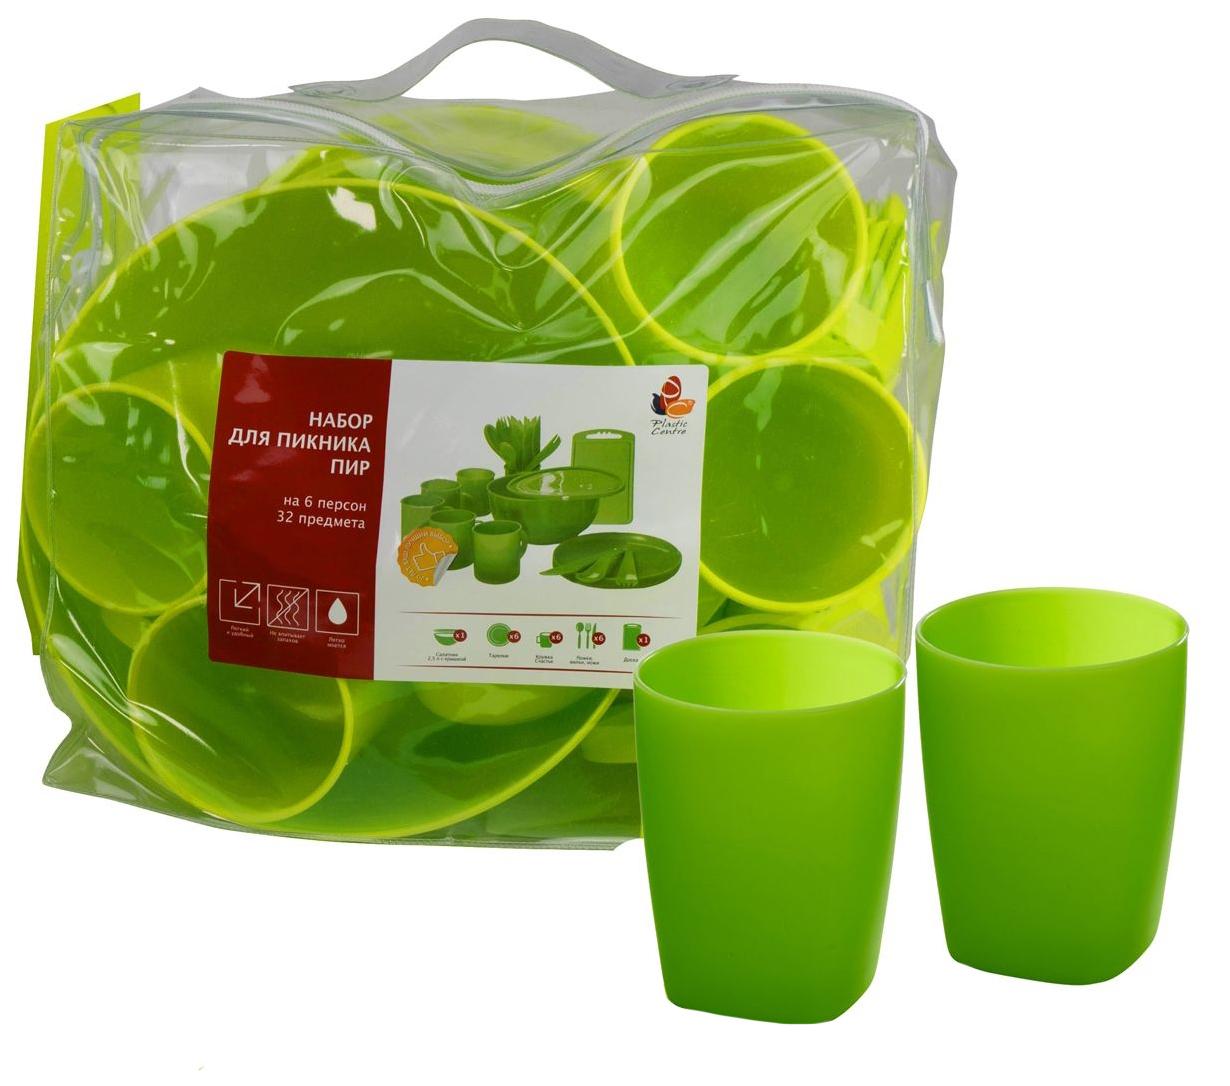 Набор для пикника Plastic Centre Пир, на 6 персон, 38 предметов